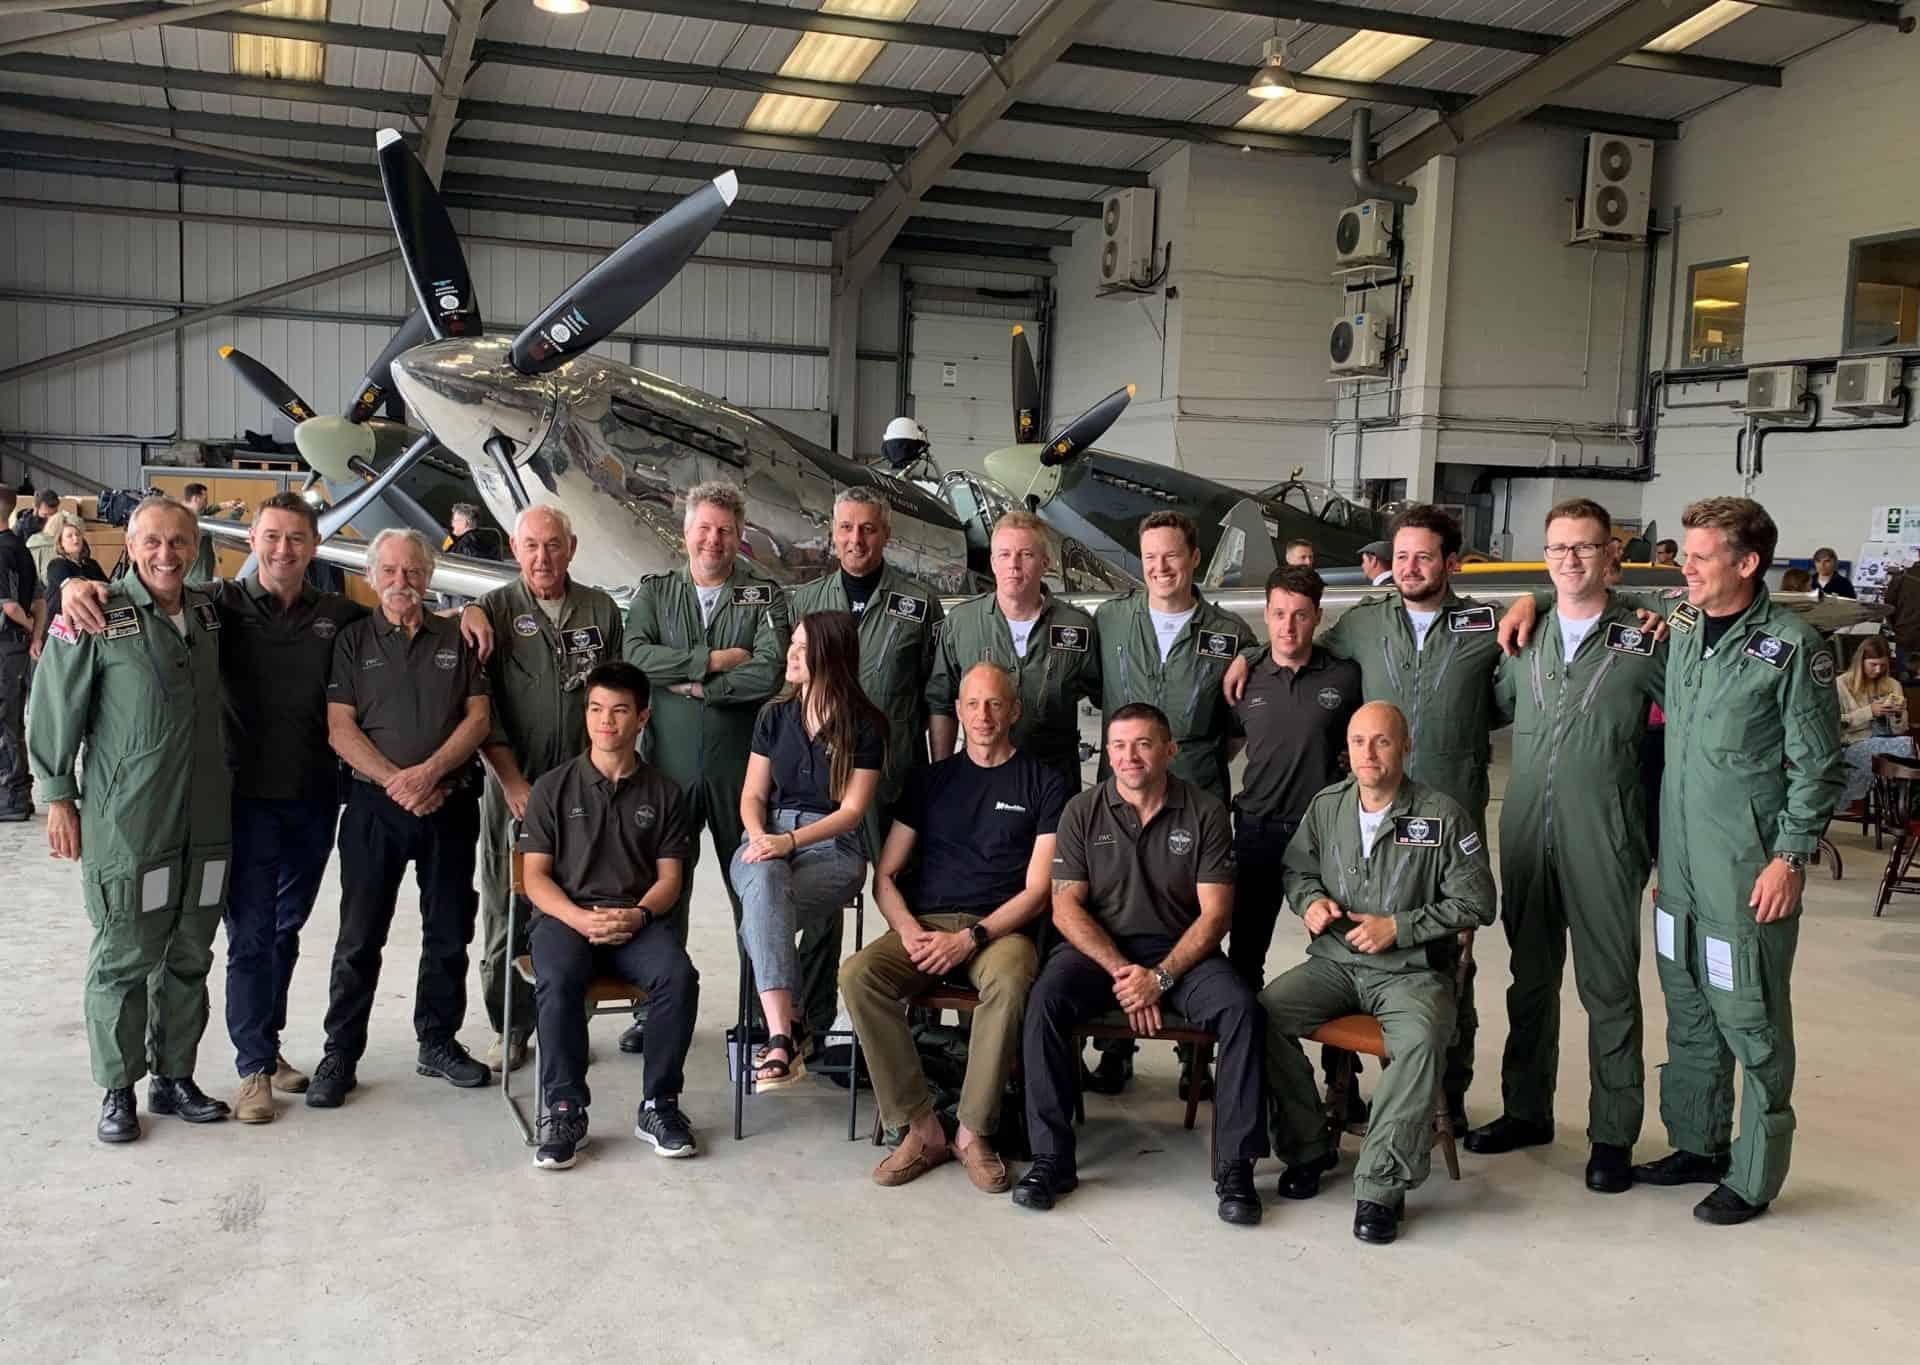 Die Silver Spitfire ist das Ergebnis einer starken Teamleistung - sei es die Renovierung, aber auch die anstehenden Flüge verlangen nach vielen Händen